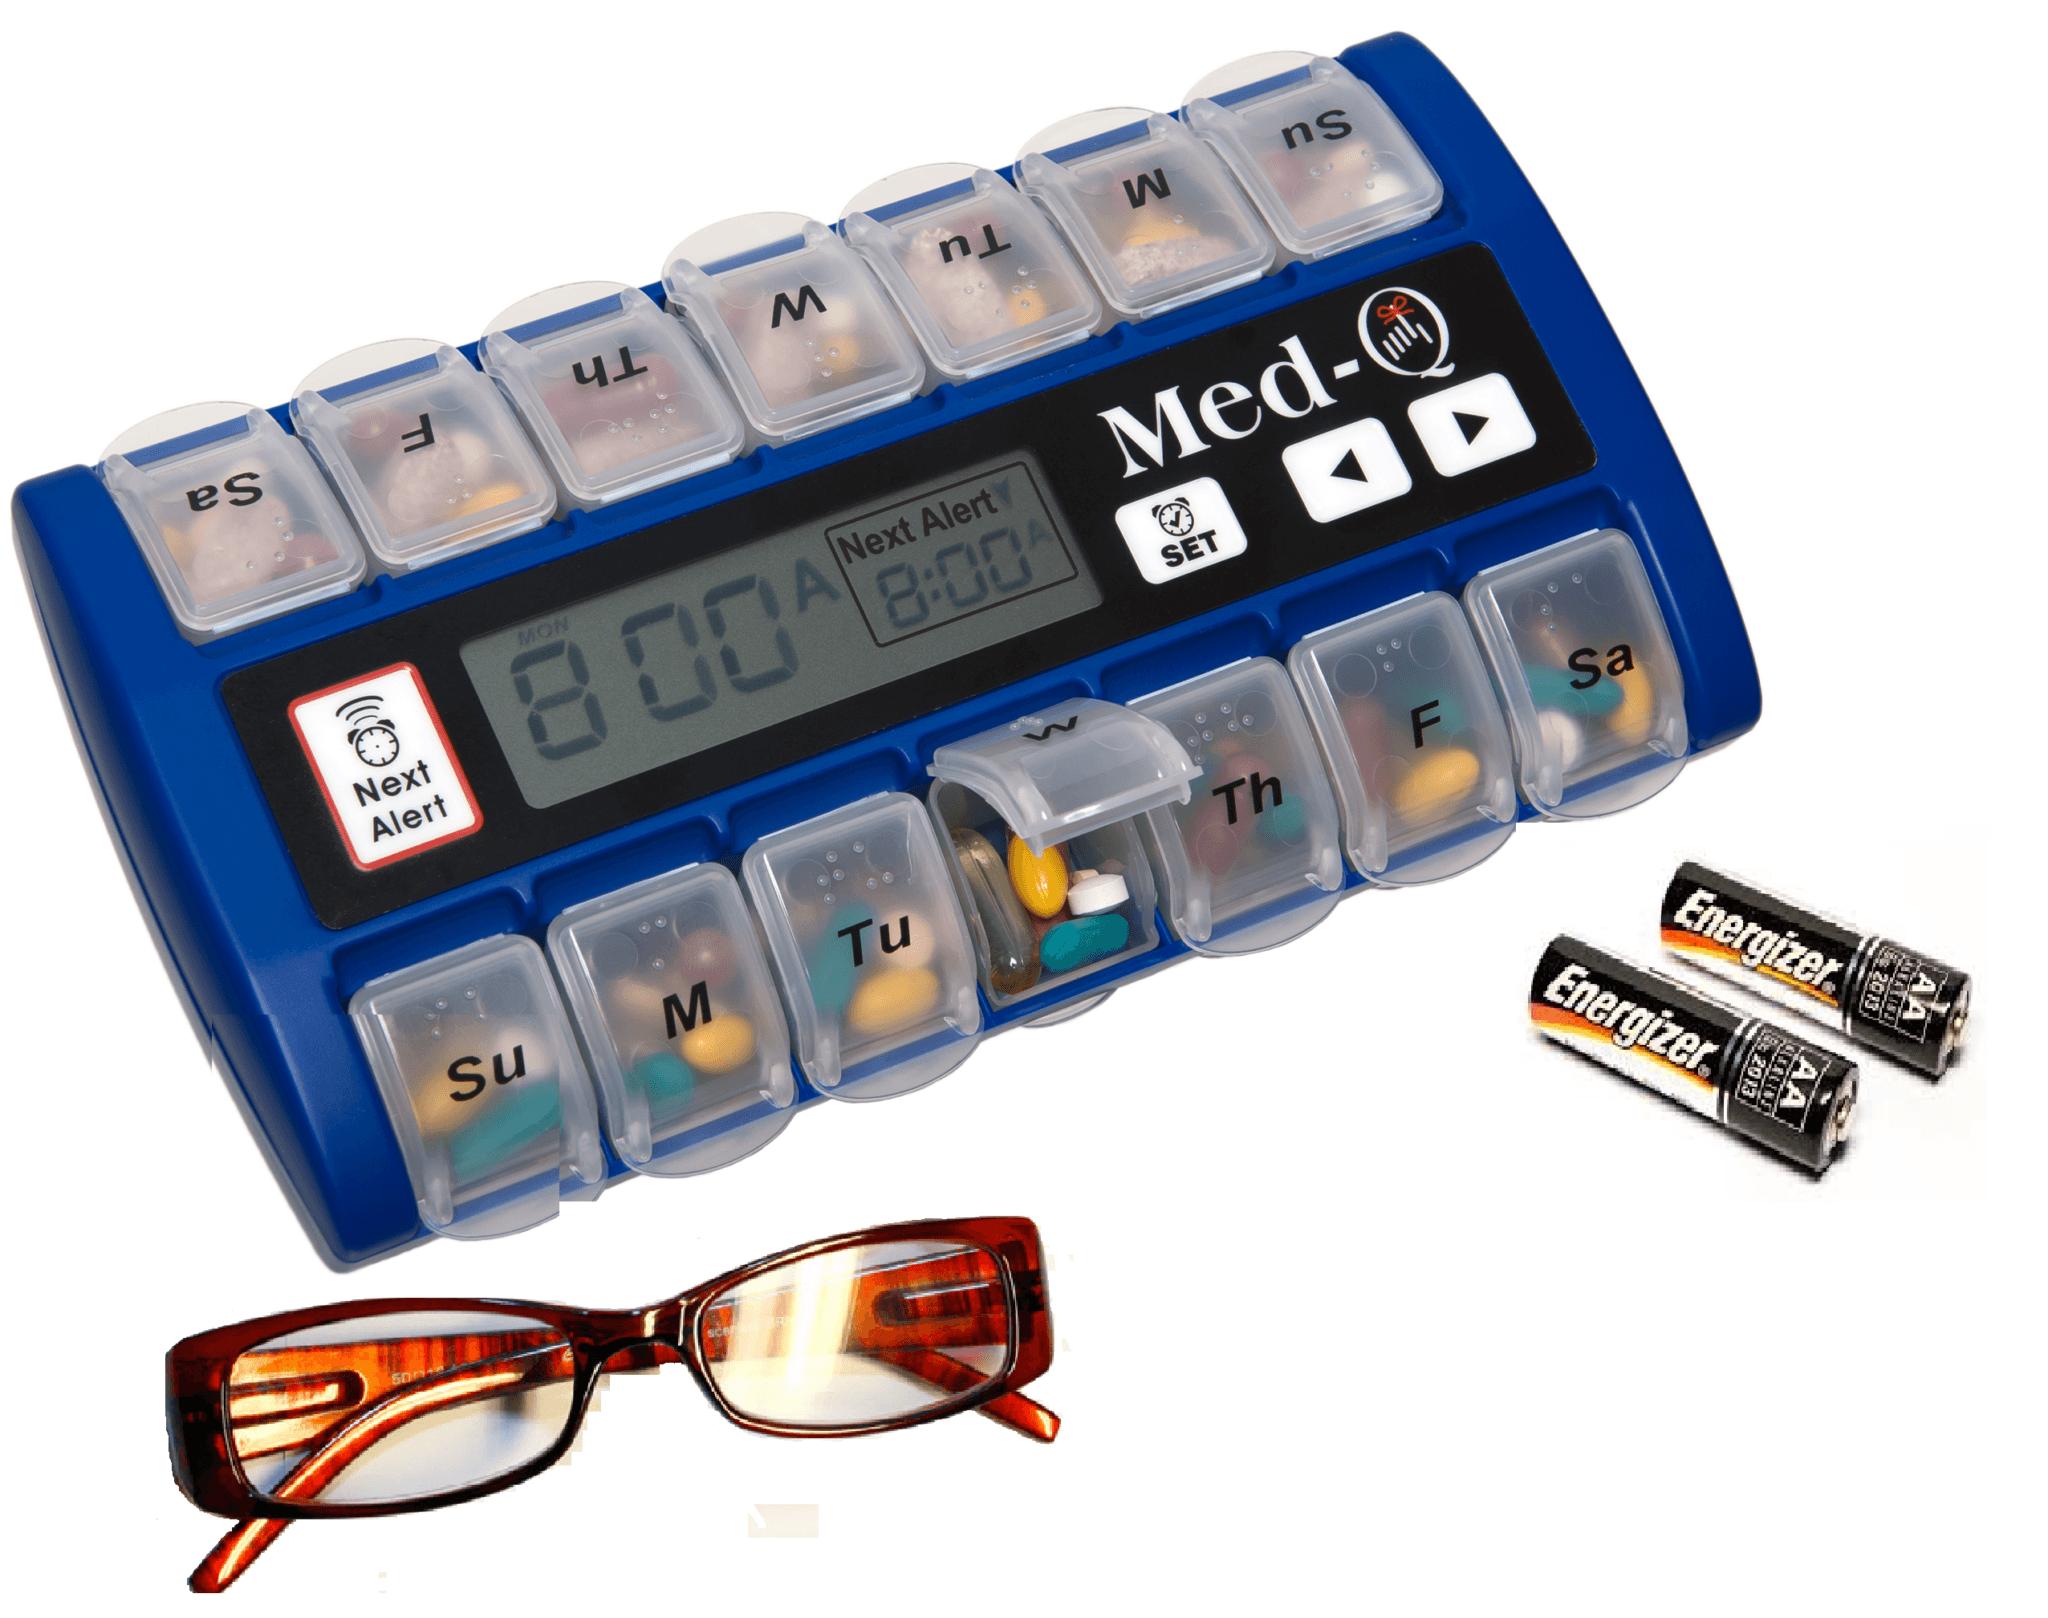 medication reminder devices